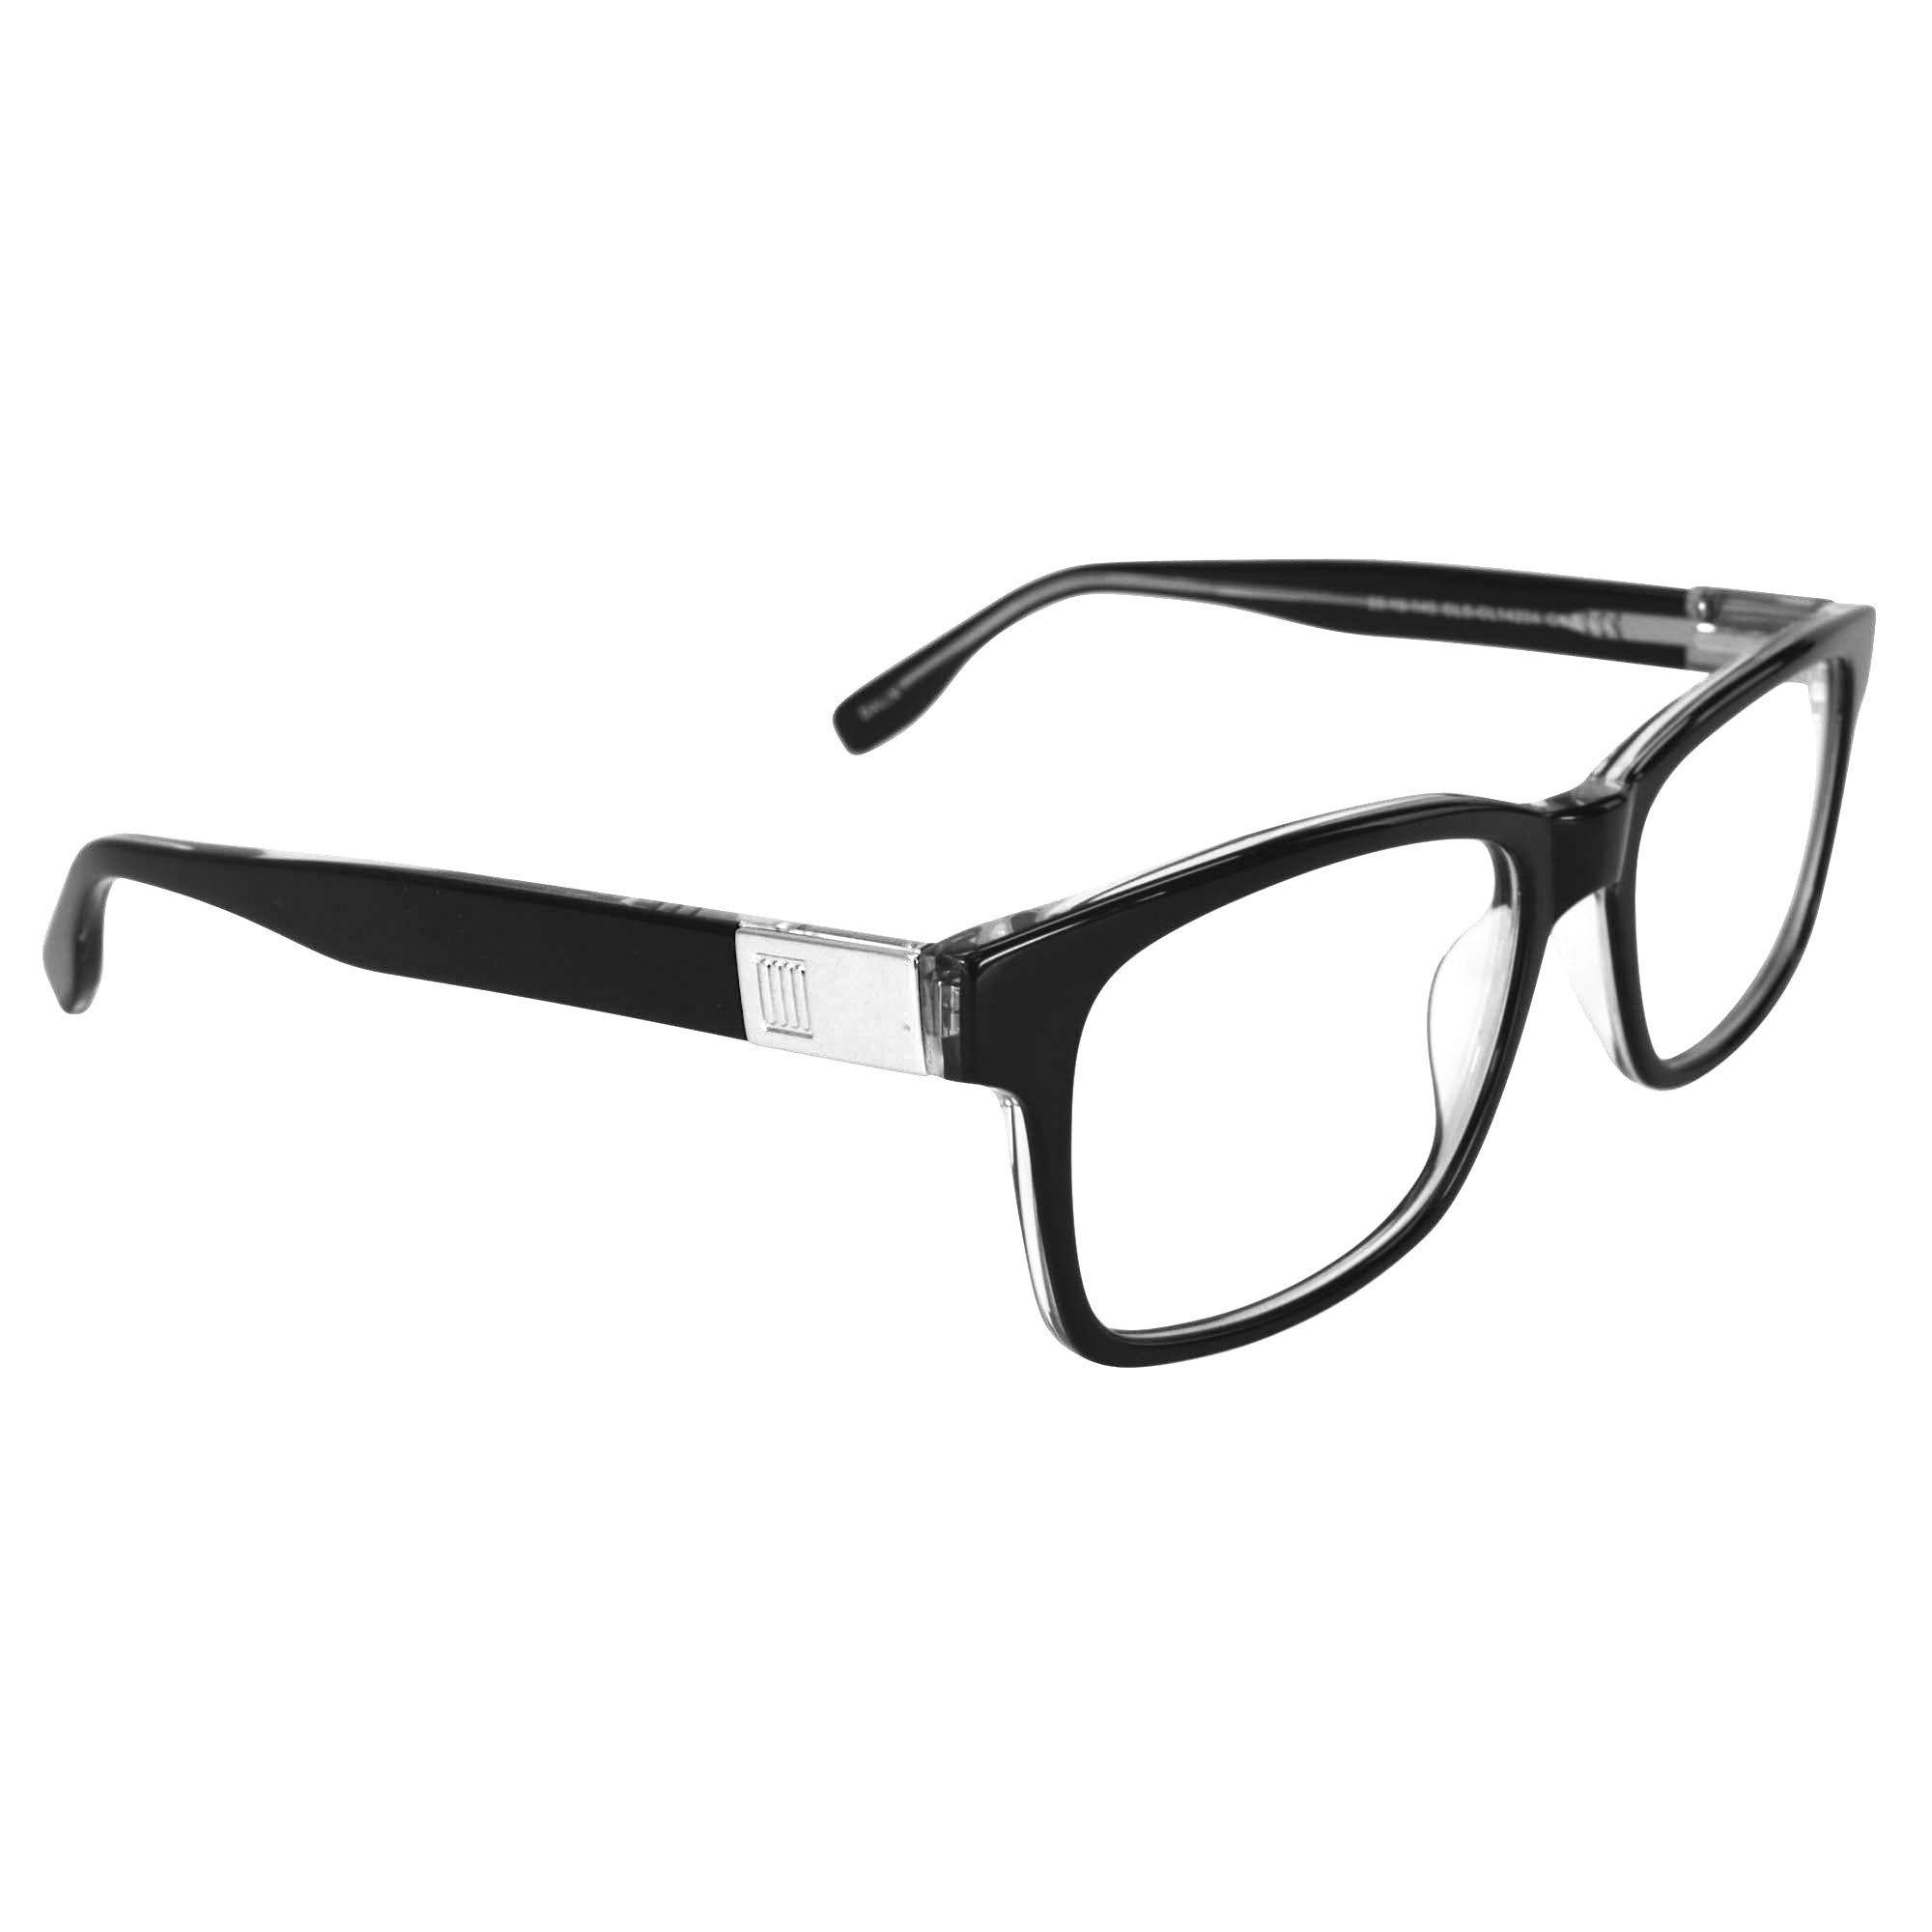 054e594ca4 Mens Strong Glasses Frames Prescription Eyeglasses Rxable 551814537 in  Black  gt  gt  gt